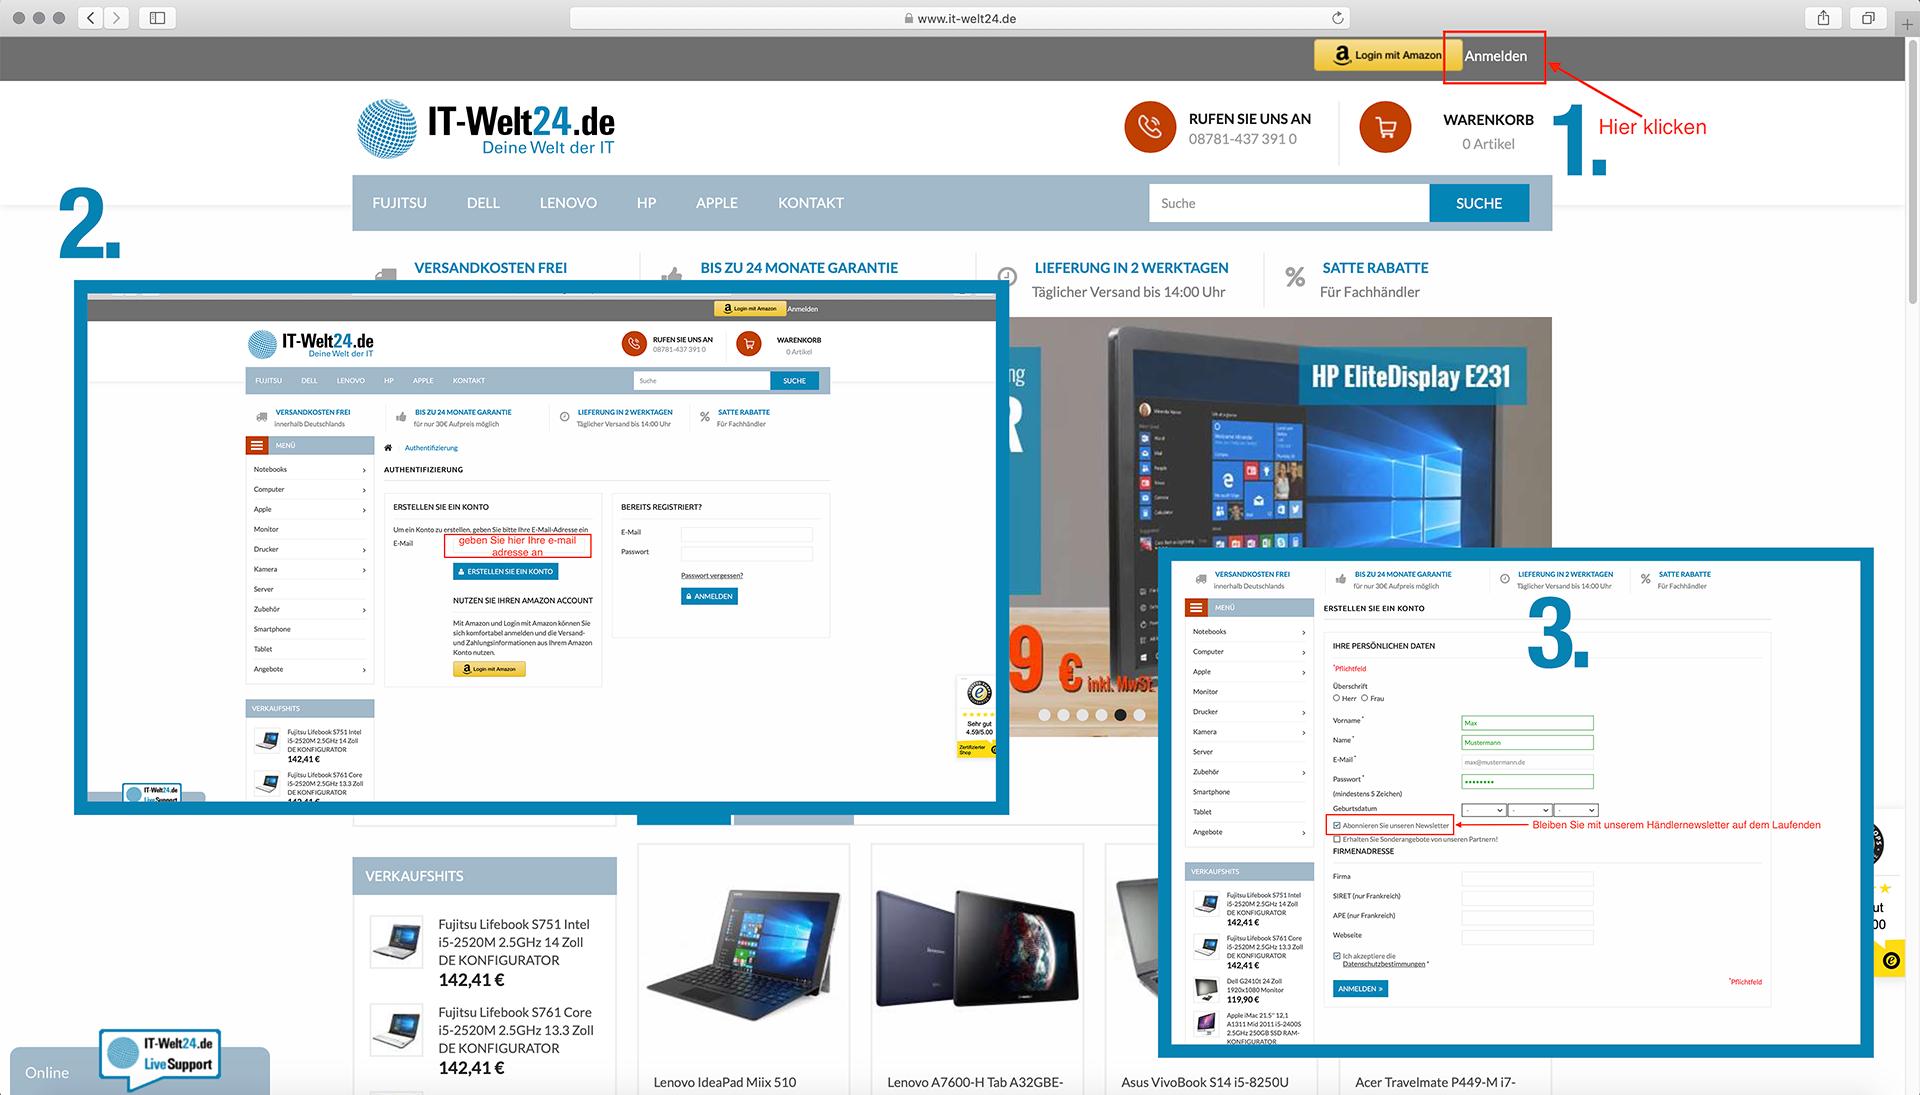 Fachhändler Registrierung für gebrauchte Remarketing Hardware